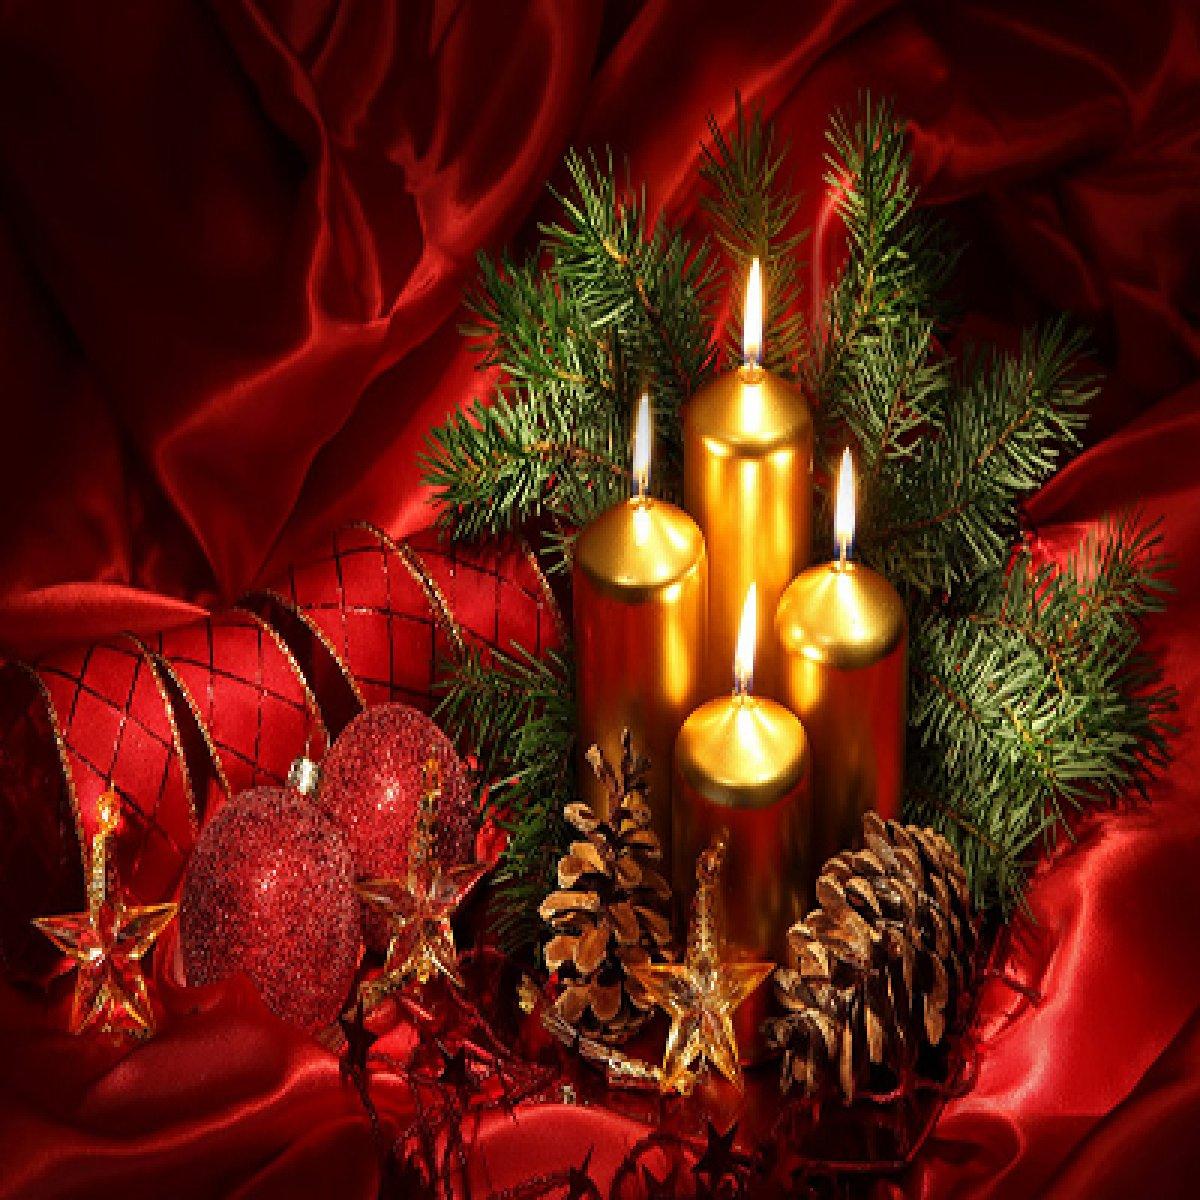 Κεριά Χριστουγεννιάτικα | Mymegamarket.gr